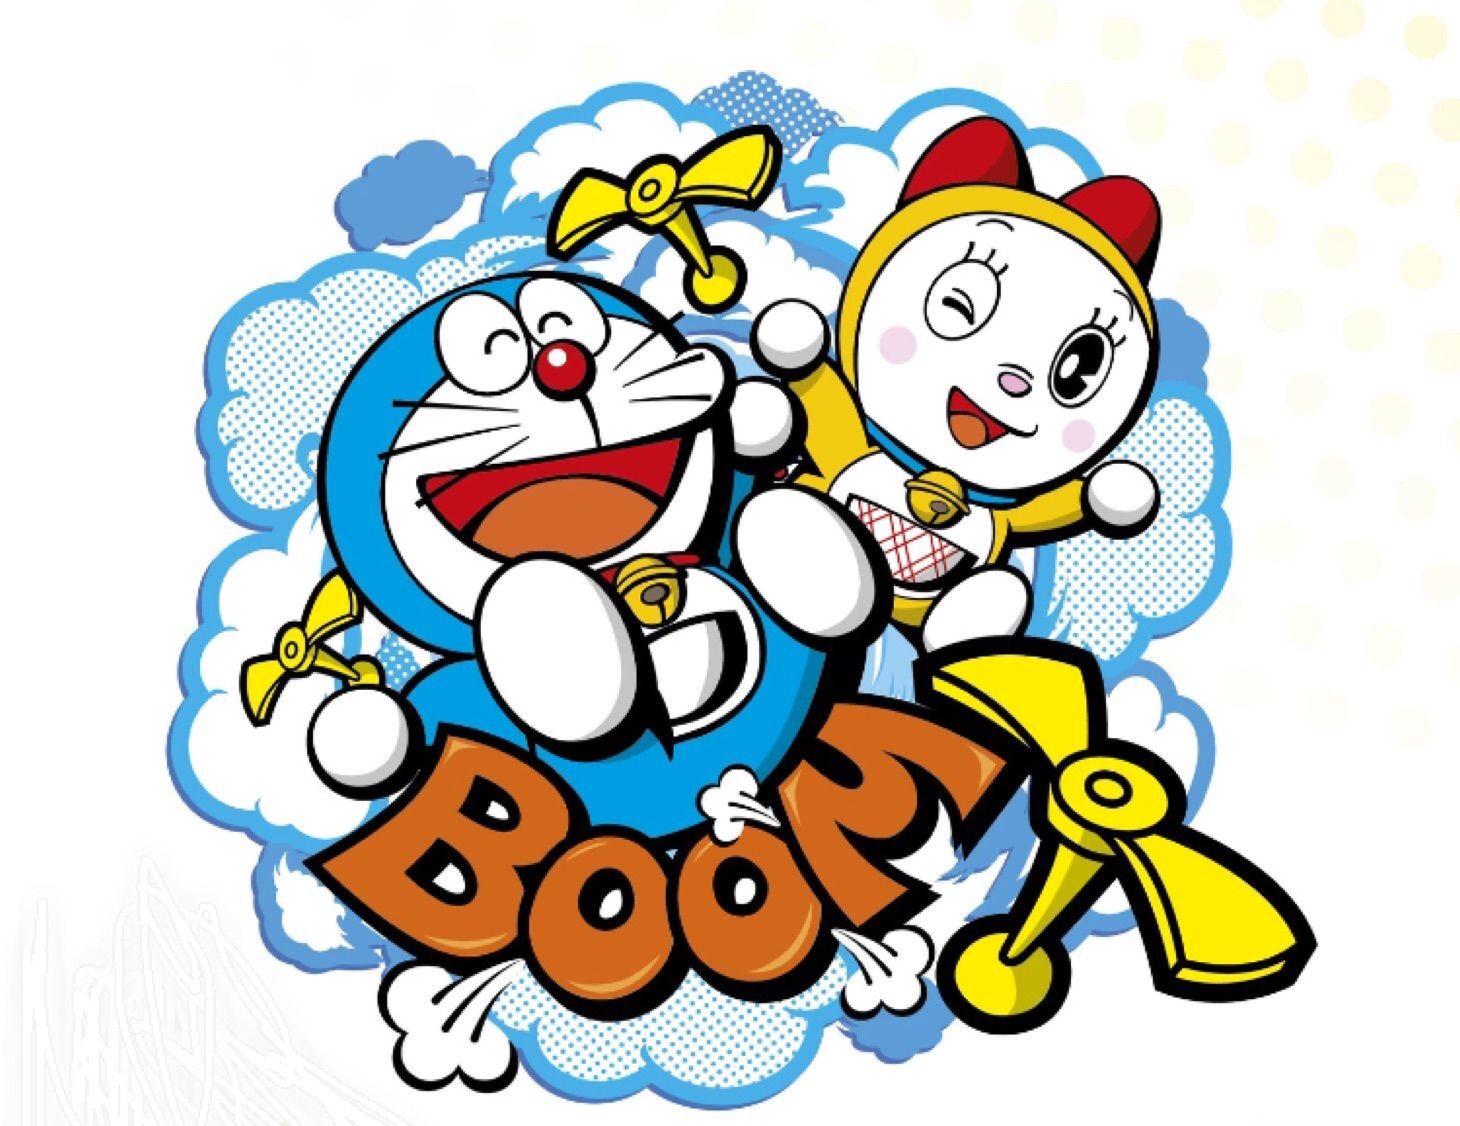 Doraemon et Dorami Gambar, Wallpaper ponsel